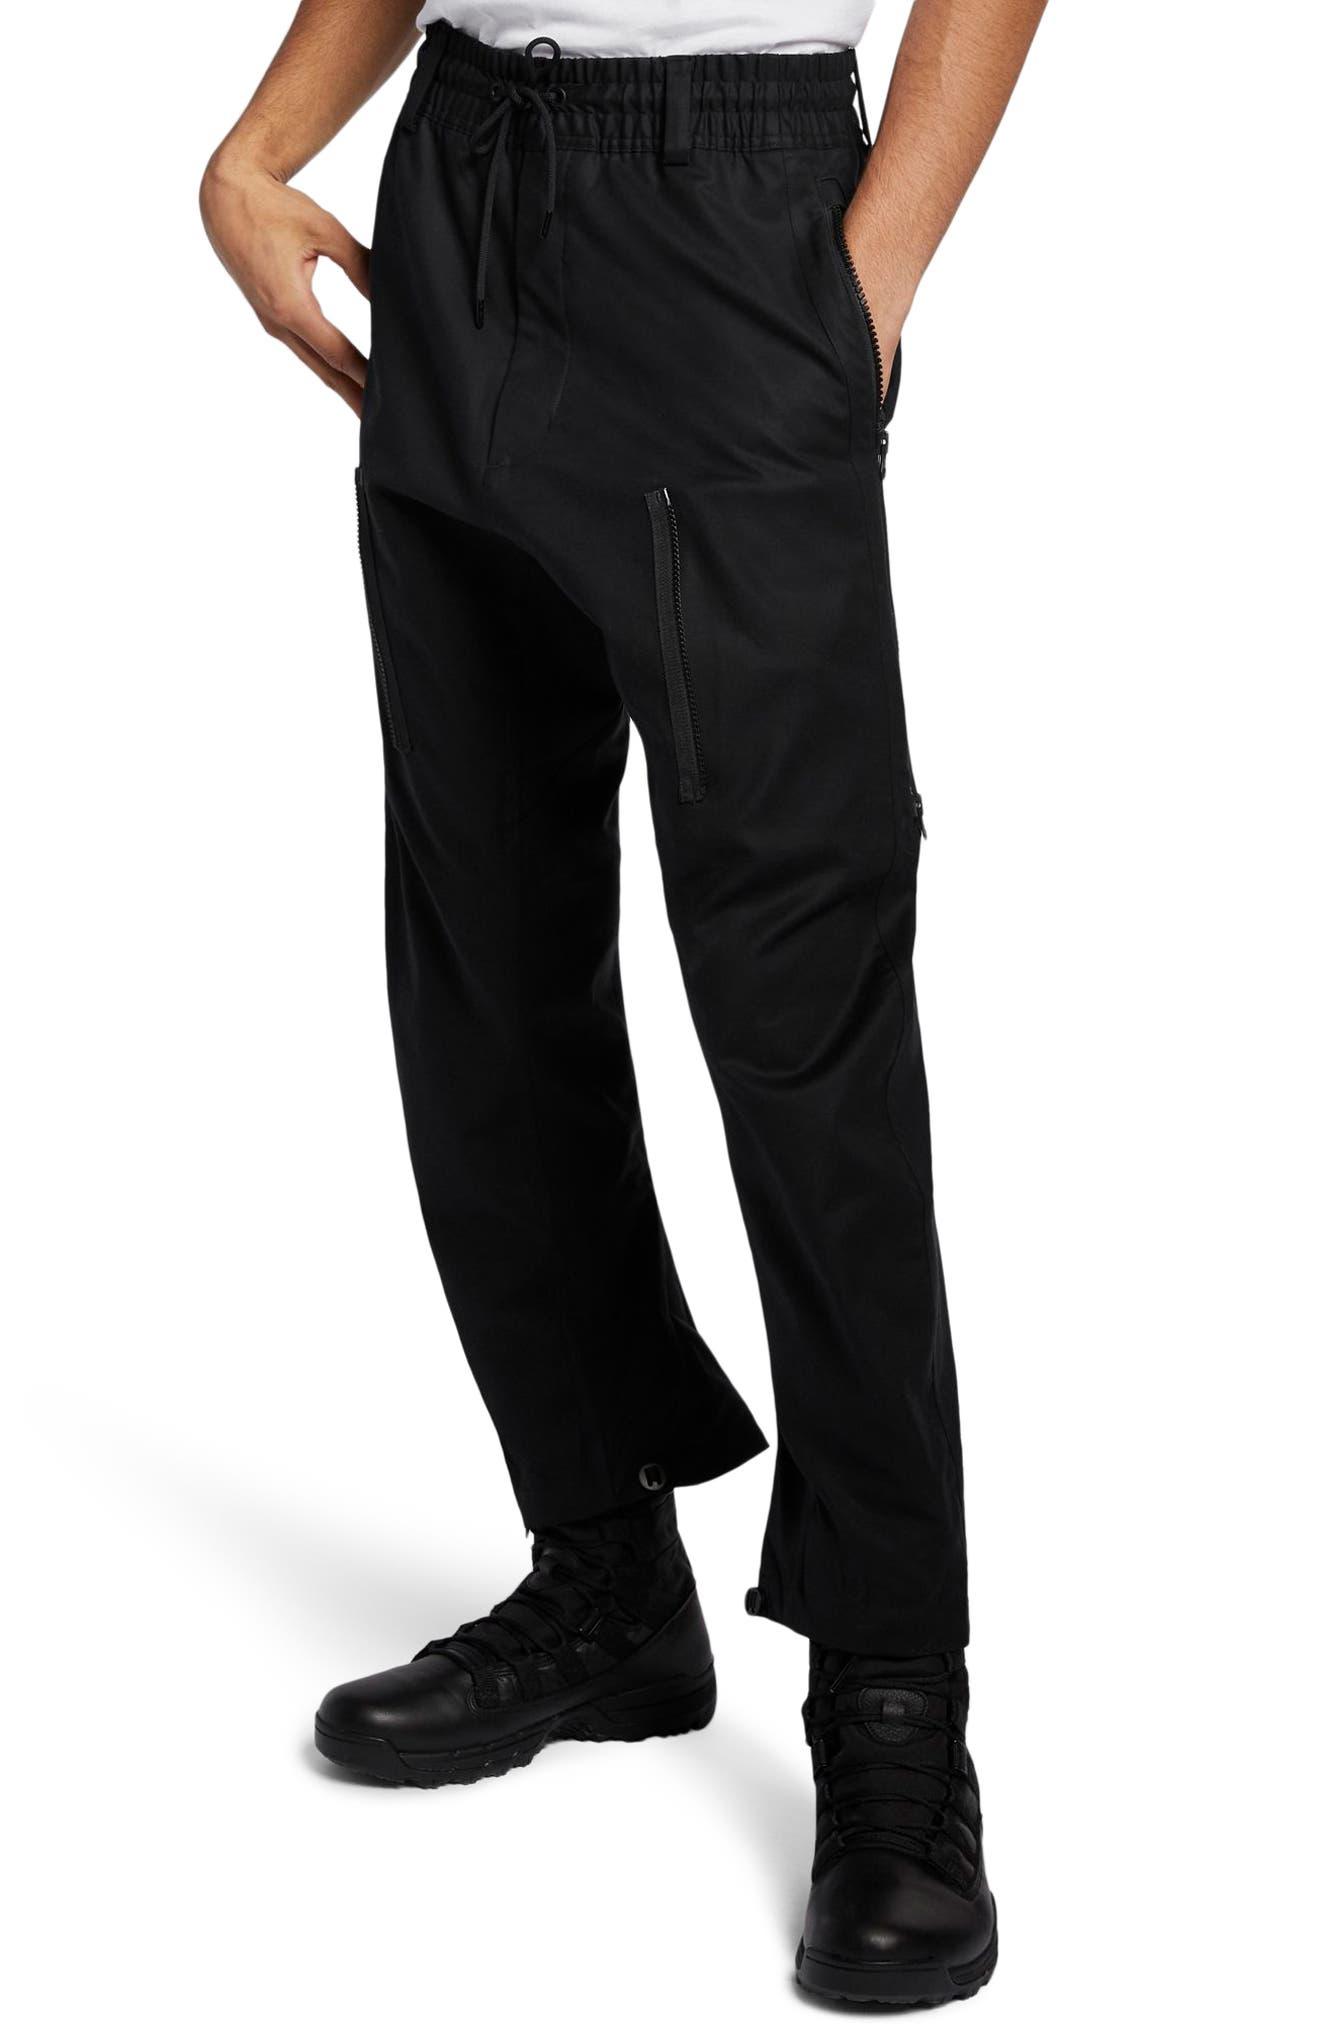 Nike Nikelab Acg Cargo Pants, Black